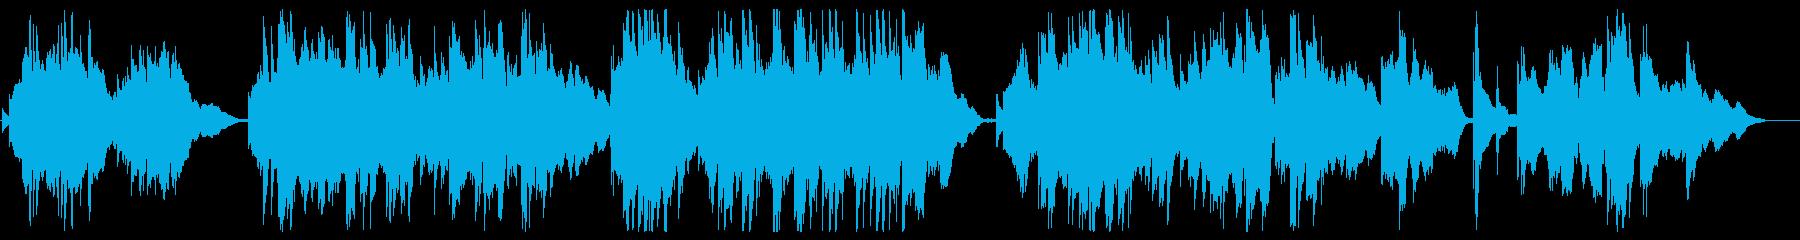 叙情的な余韻を残すピアノミュージックの再生済みの波形